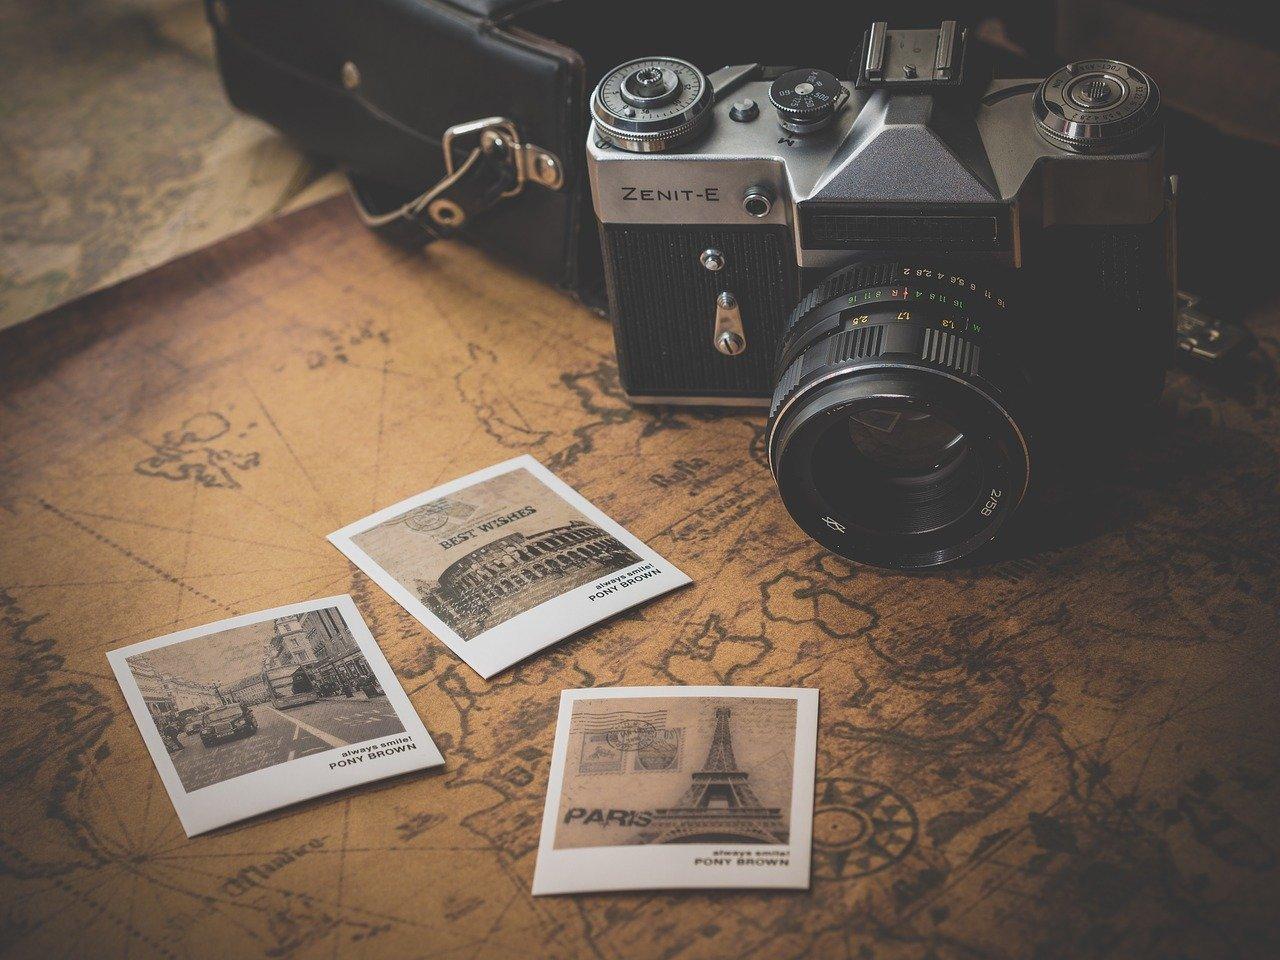 Comment profiter pleinement de son voyage